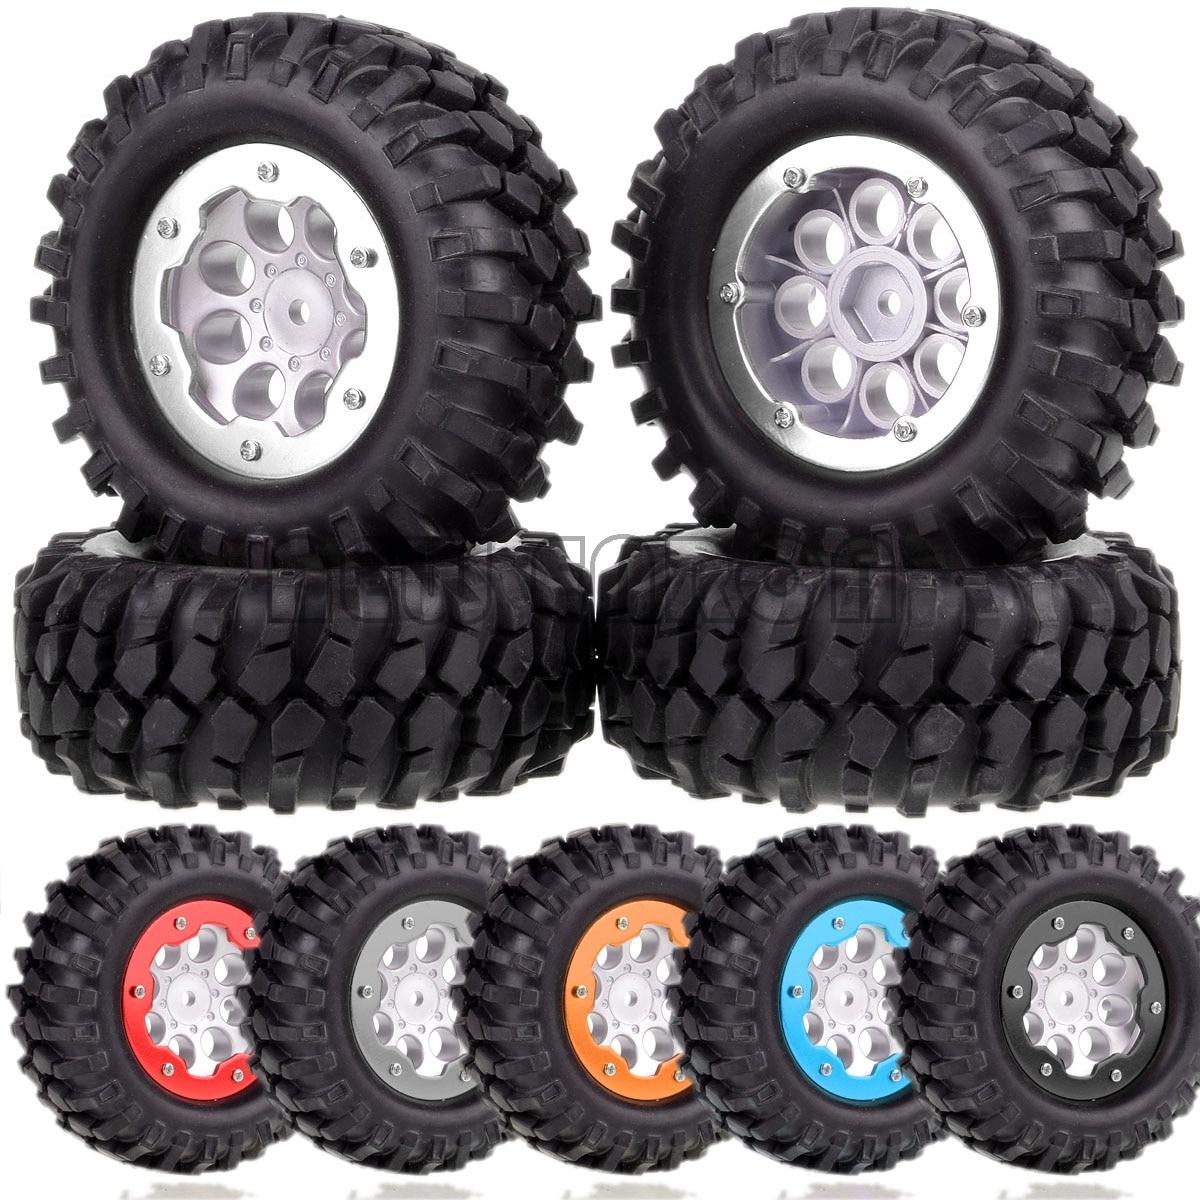 """Nuevo ENRON 4P 1,9 """"Rueda llanta, cubo y 108mm los neumáticos coche RC 110 Rock Crawler Axial SCX10 II 90046 90047 Traxxas TRX4 Tamiy D90"""